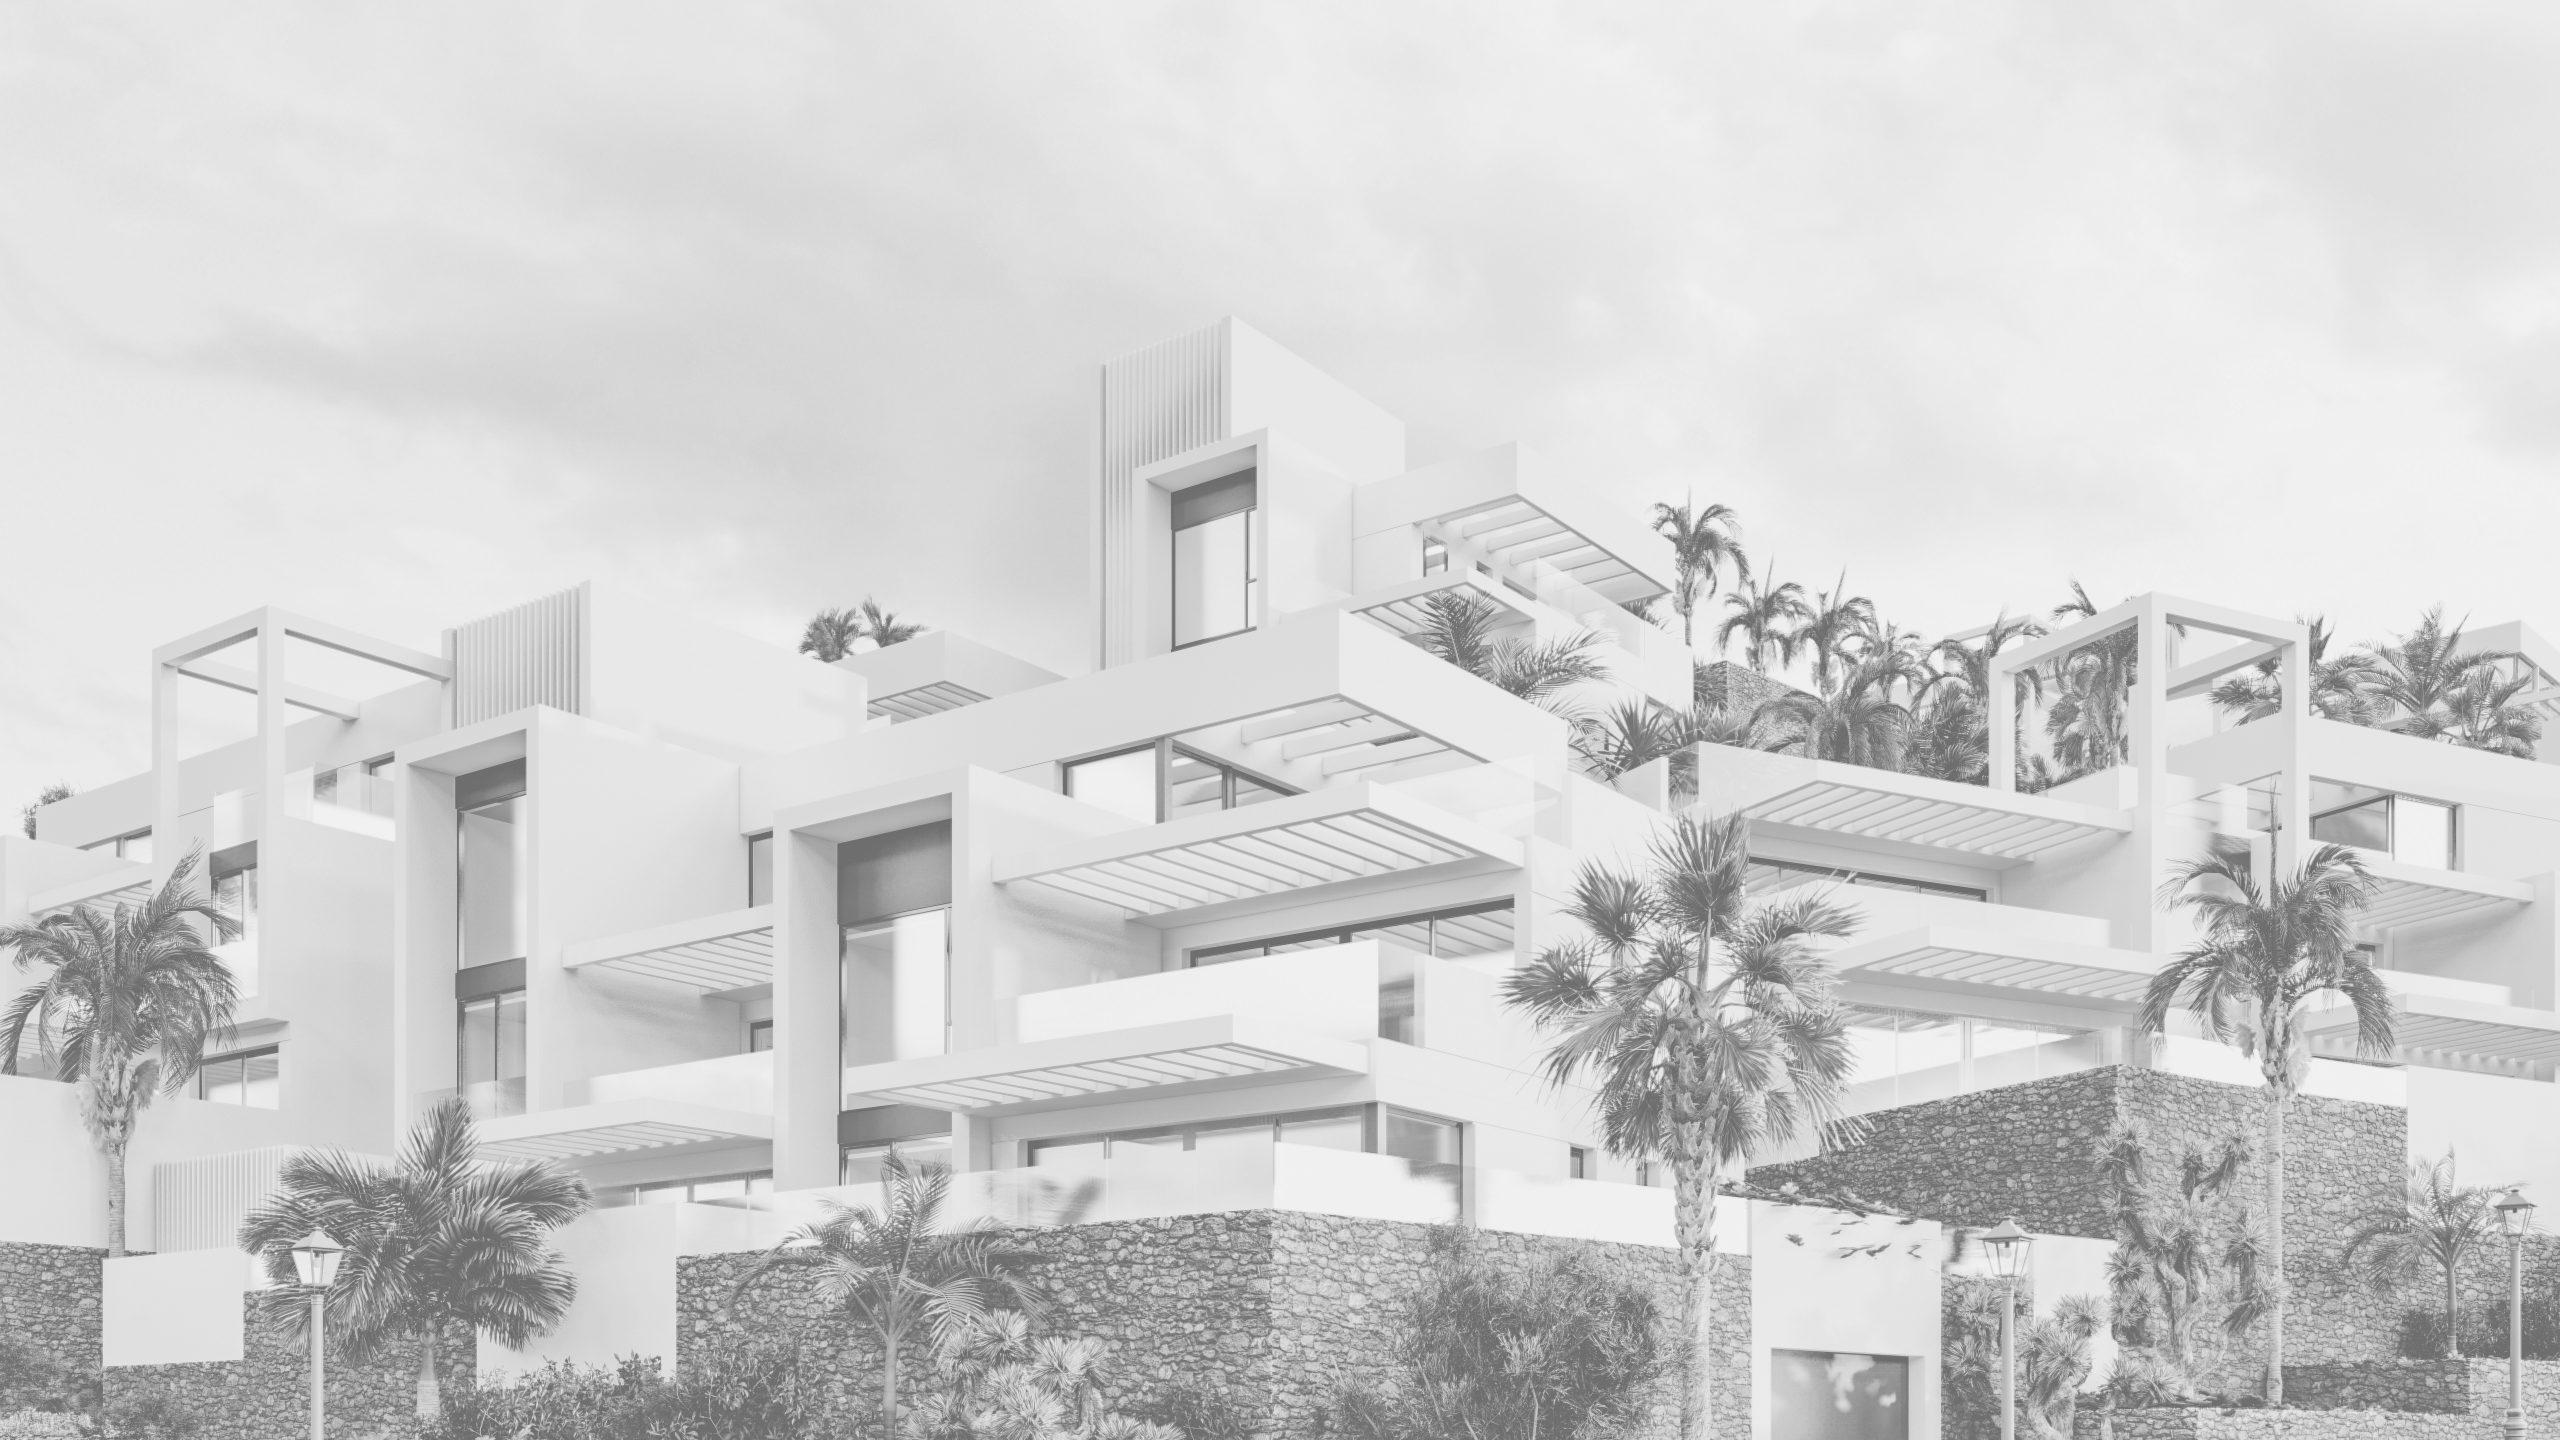 38 viviendas nerja blanco y negro